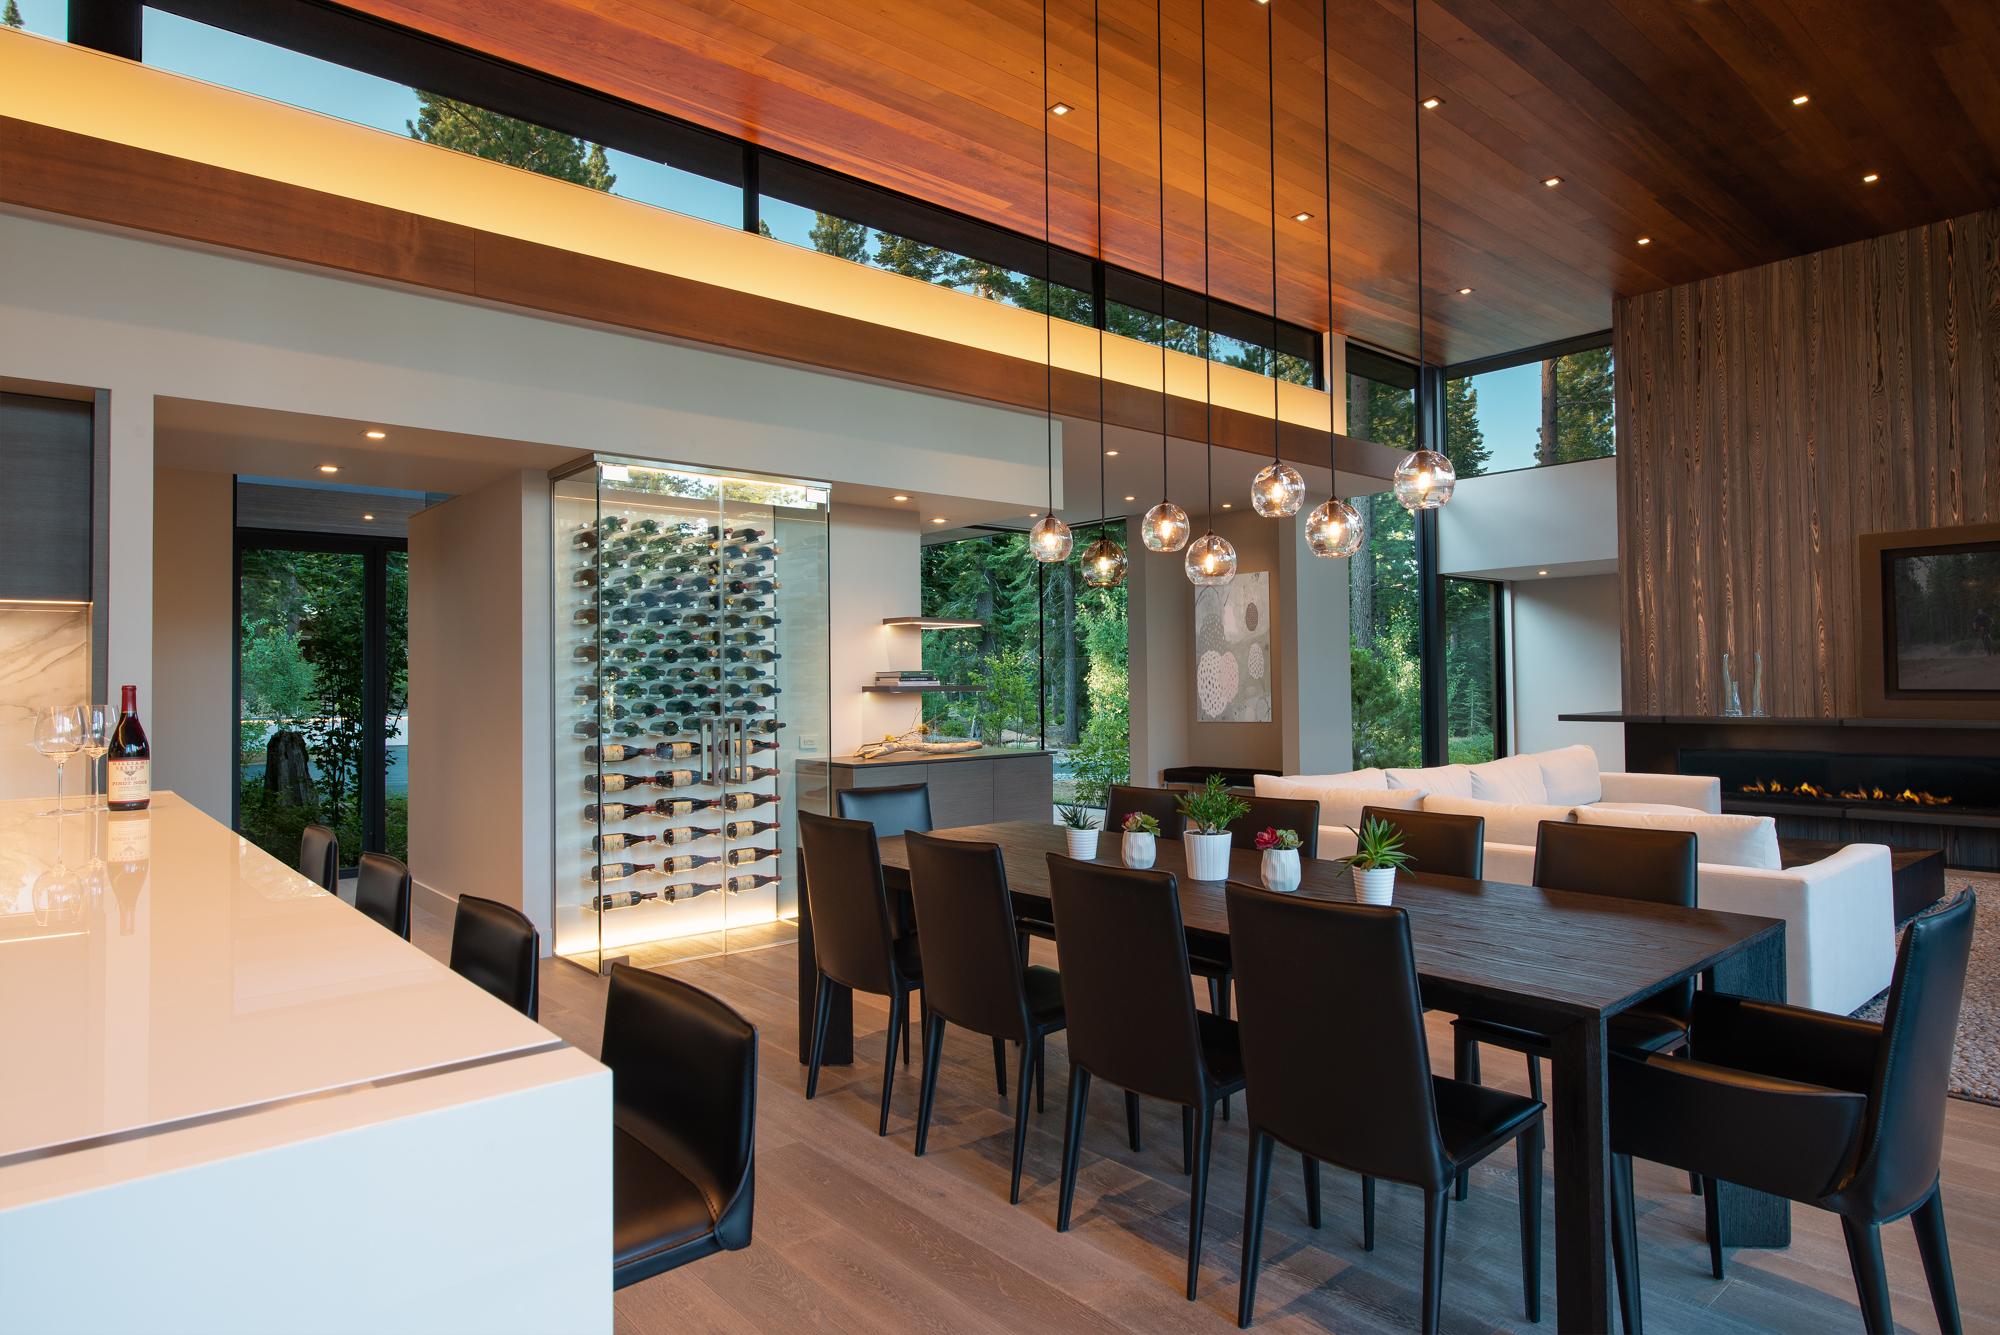 Great room designs los gatos bay area vivian soliemani - What is interior design ...